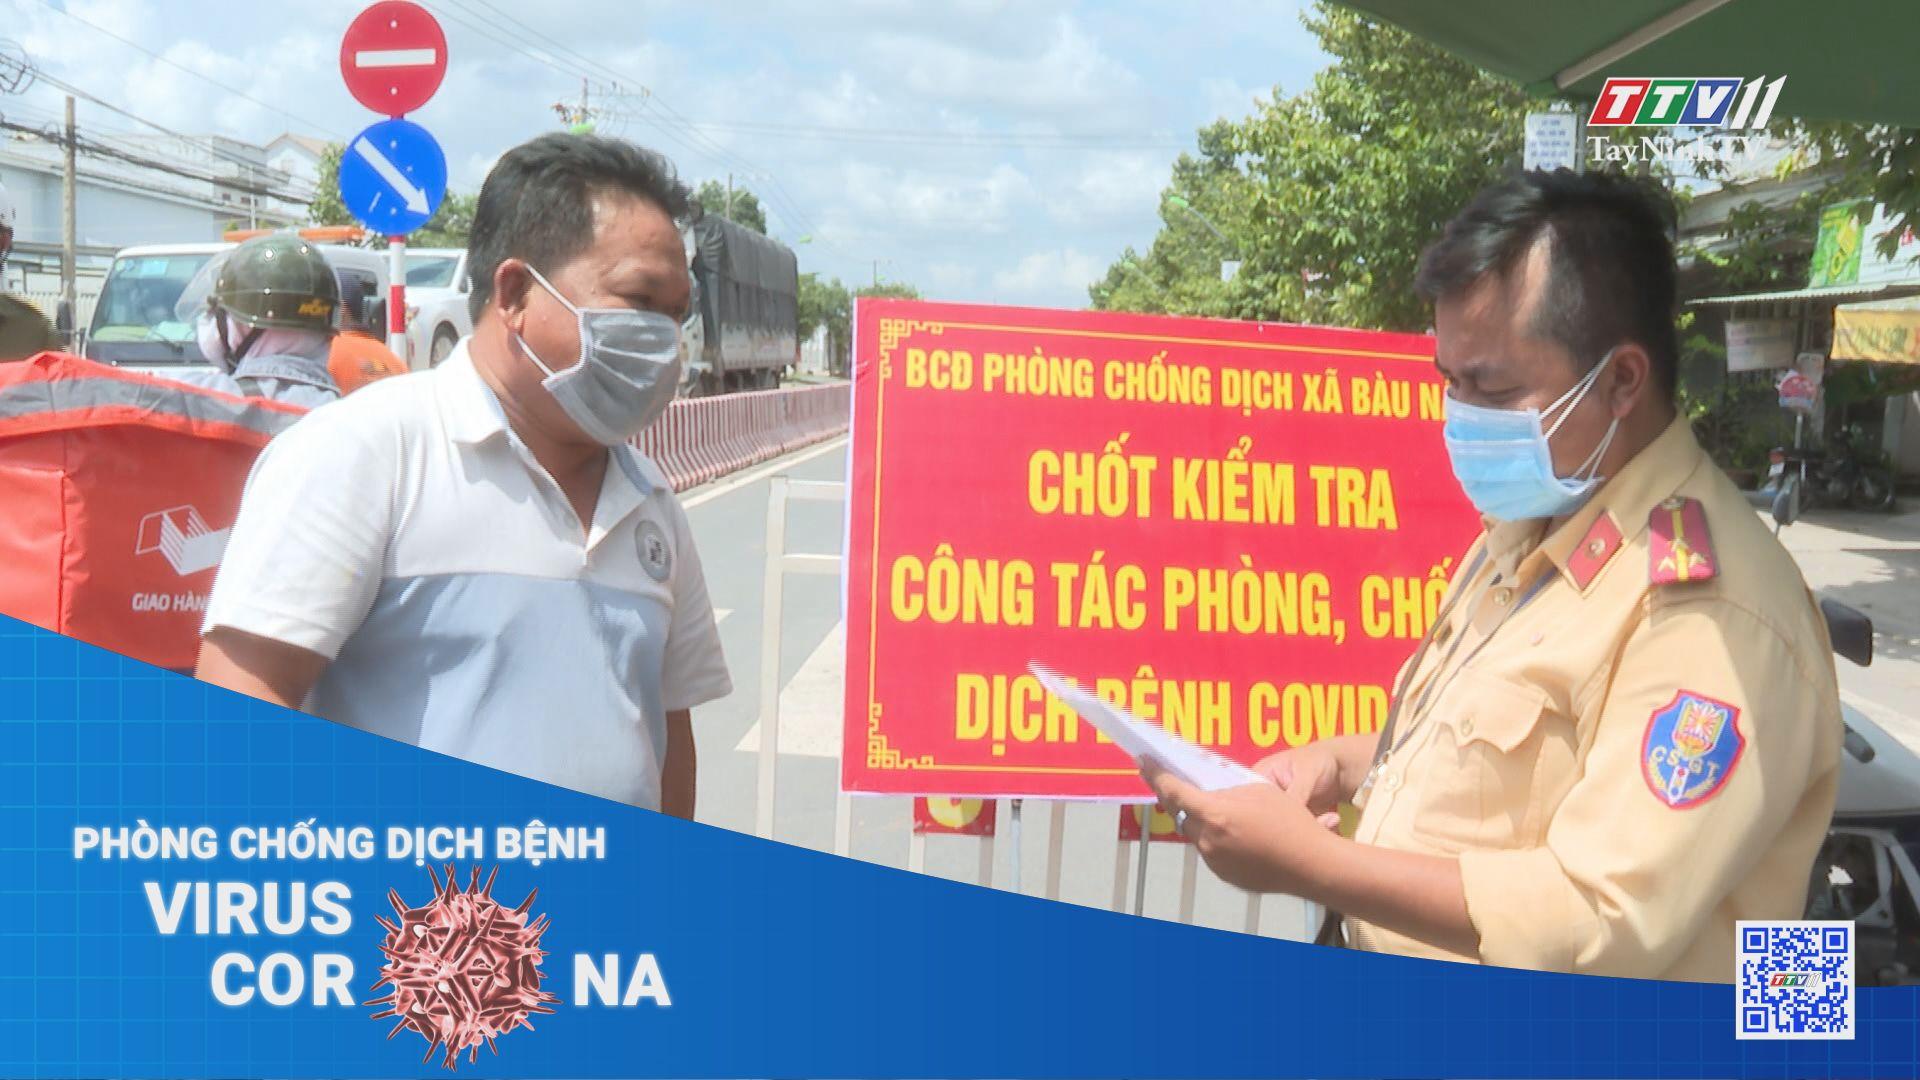 Các cấp ủy Huyện Dương Minh Châu chỉ đạo kịp thời, quyết liệt và sáng tạo trong chống dịch Covid-19 | TayNinhTV